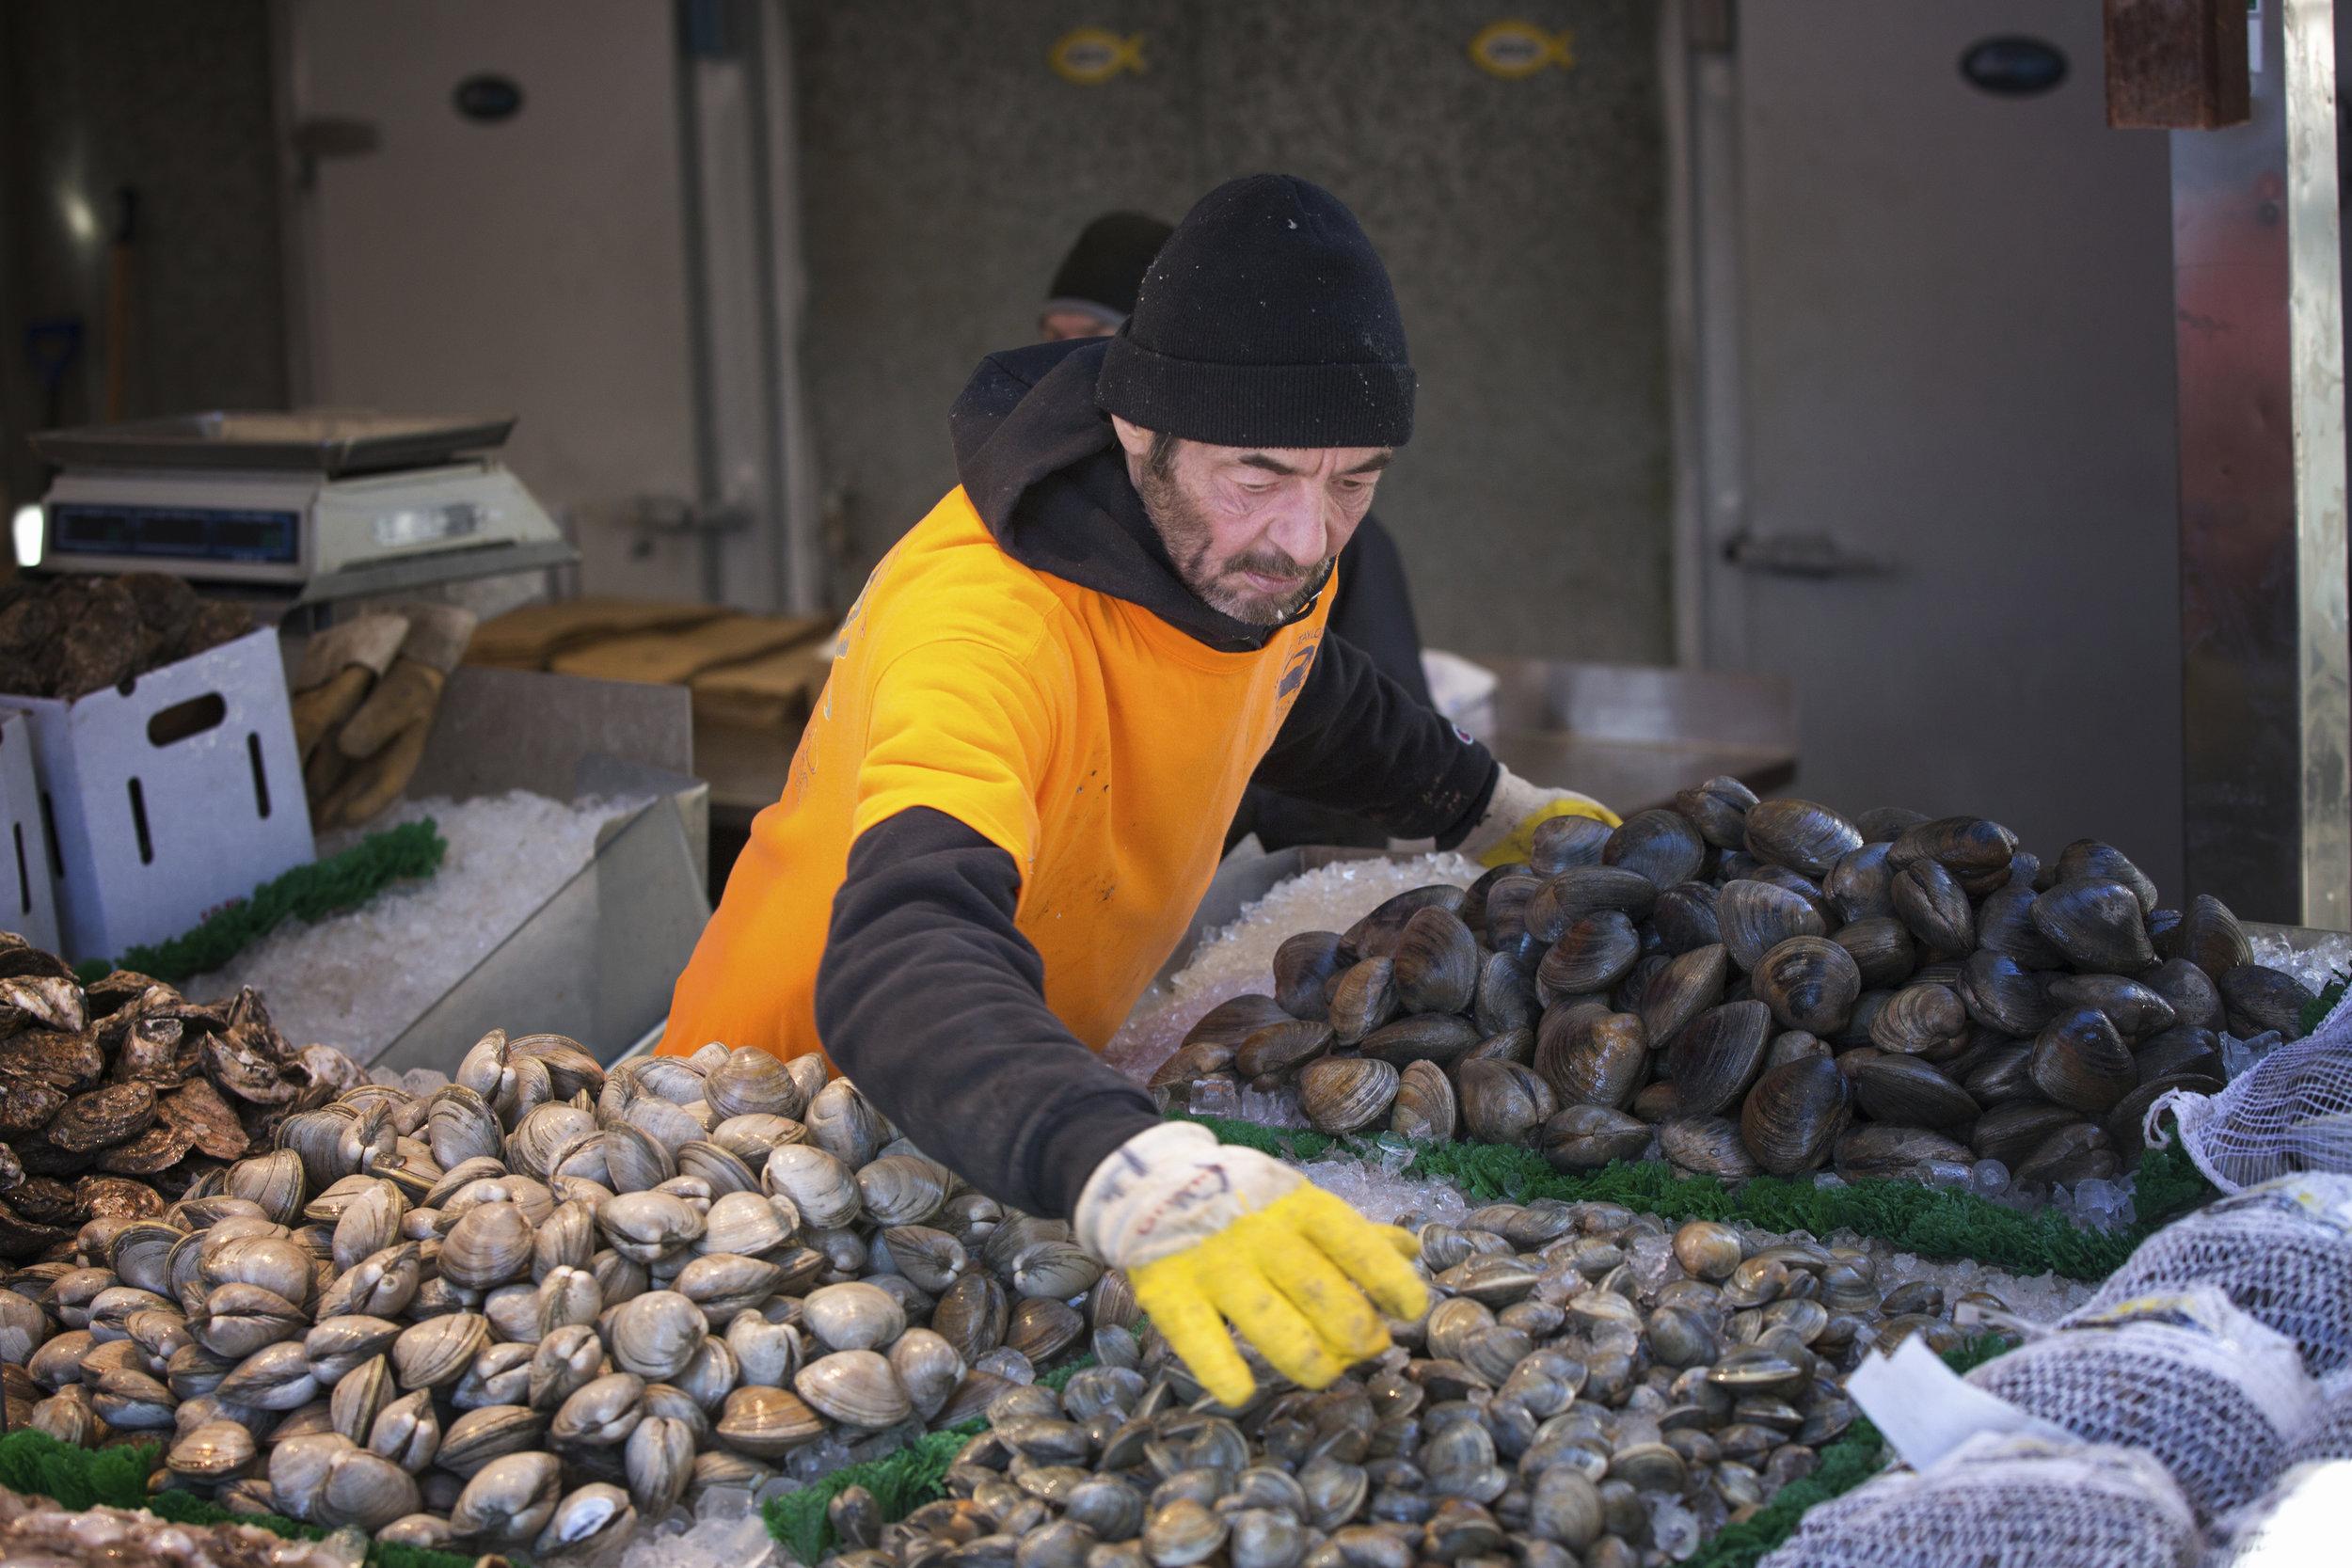 Providing Live Feeds for Shellfish